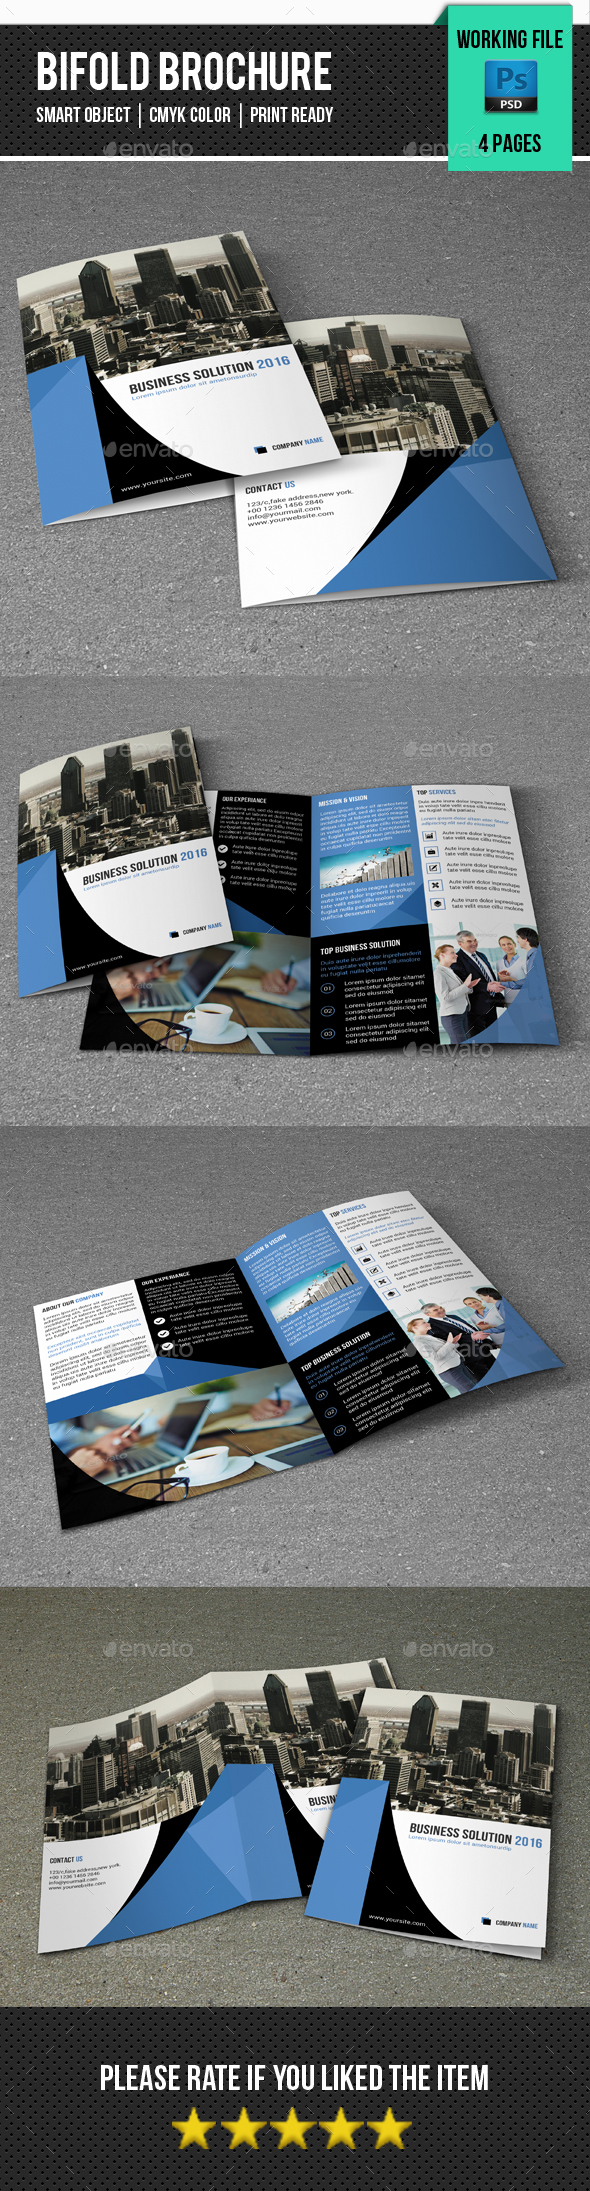 Corporate Bifold Brochure-V336 - Corporate Brochures